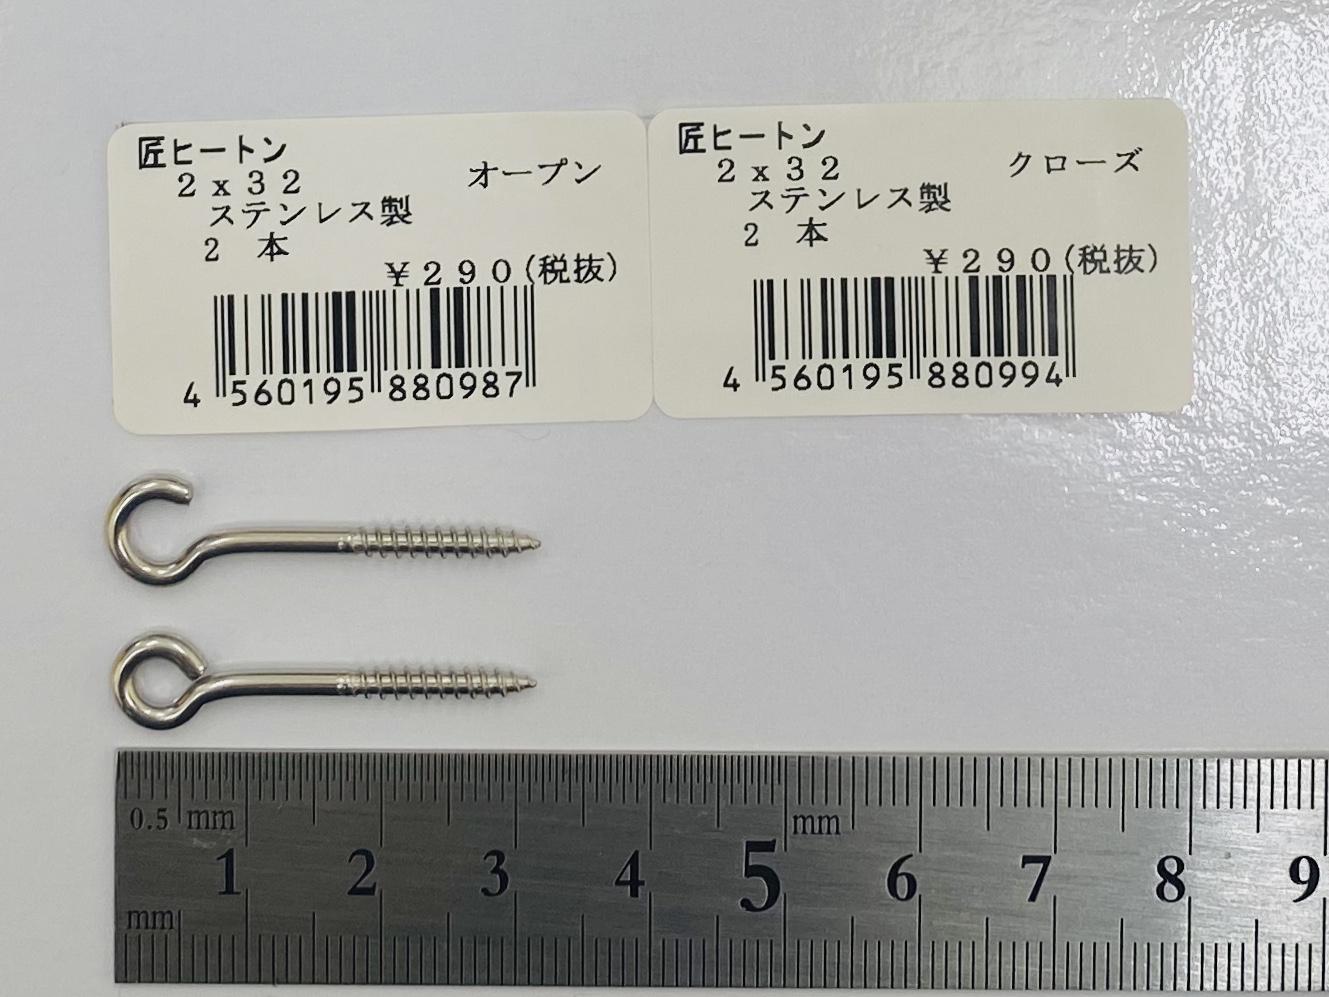 杉原 10%OFF 日本の部品屋 ヒートン 匠ヒートン 2x32 ステンレス製 2本入 激安 激安特価 送料無料 オープンorクローズ